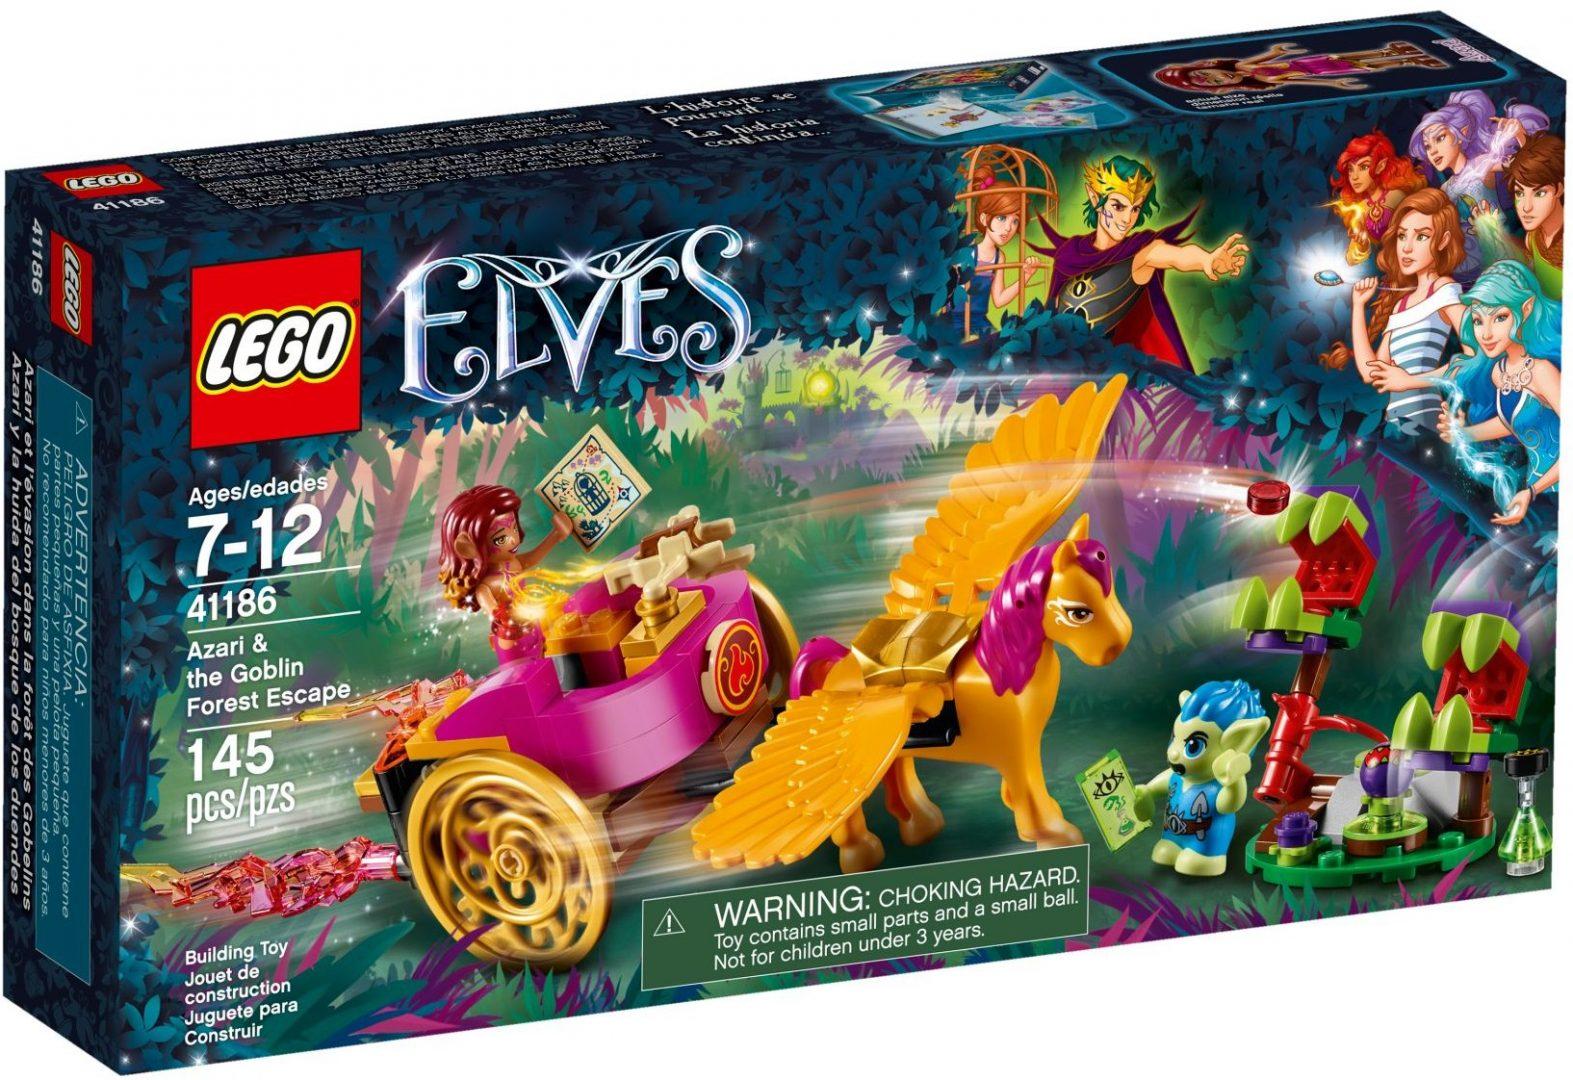 Lego Elves 41186 Azari ja Pako Peikkometsästä